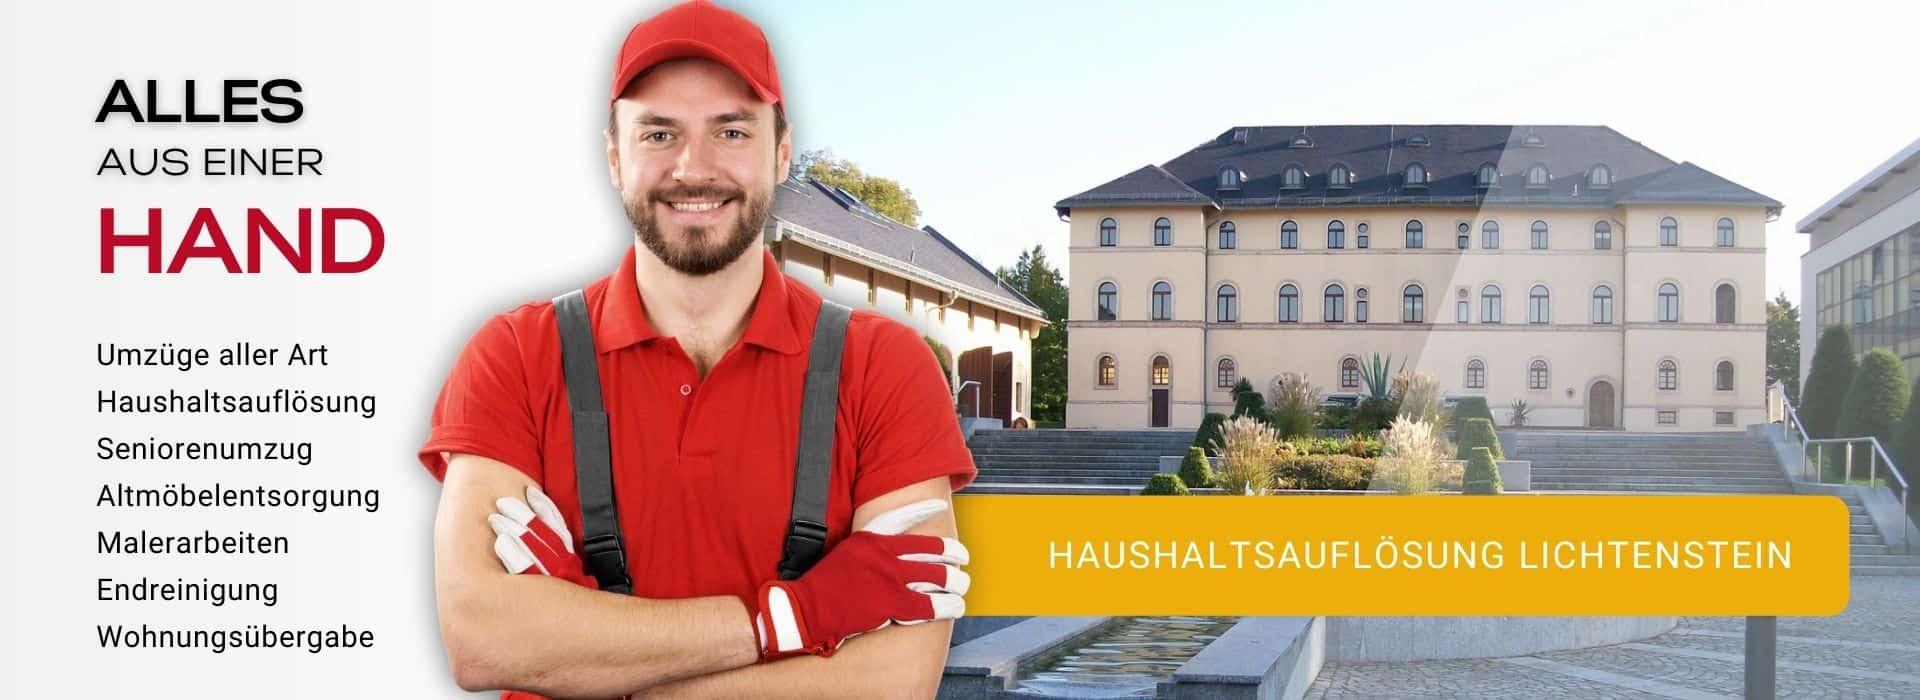 Haushaltsauflösung Lichtenstein Entrümpelung